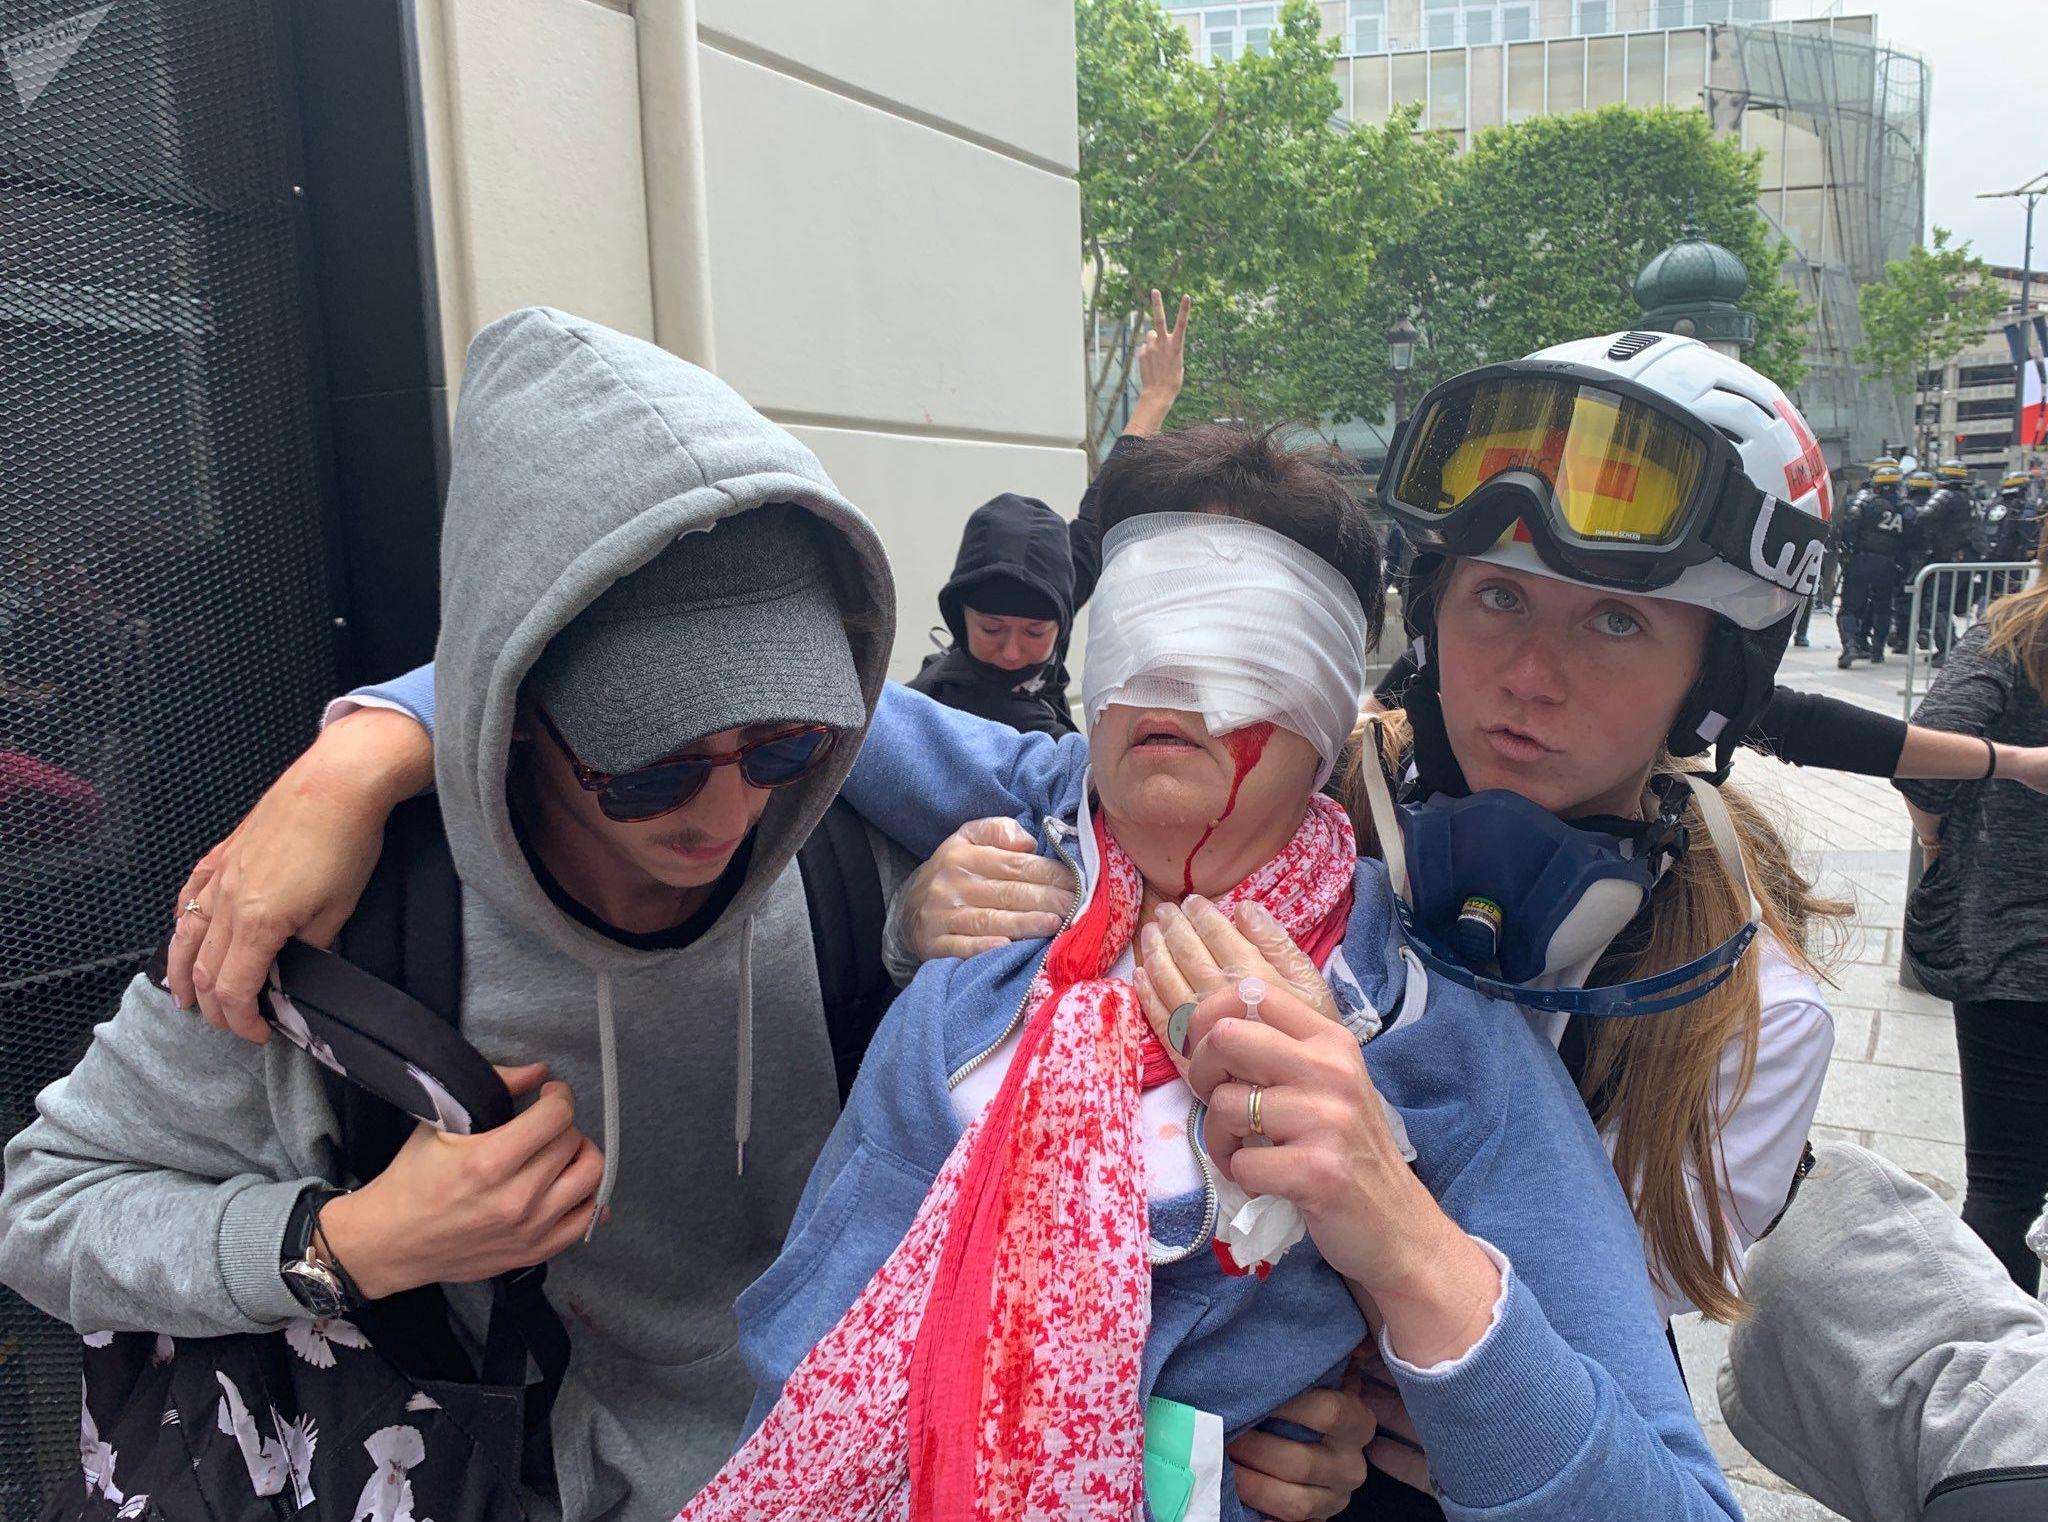 Femme blessée au visage le 14 juillet à Paris